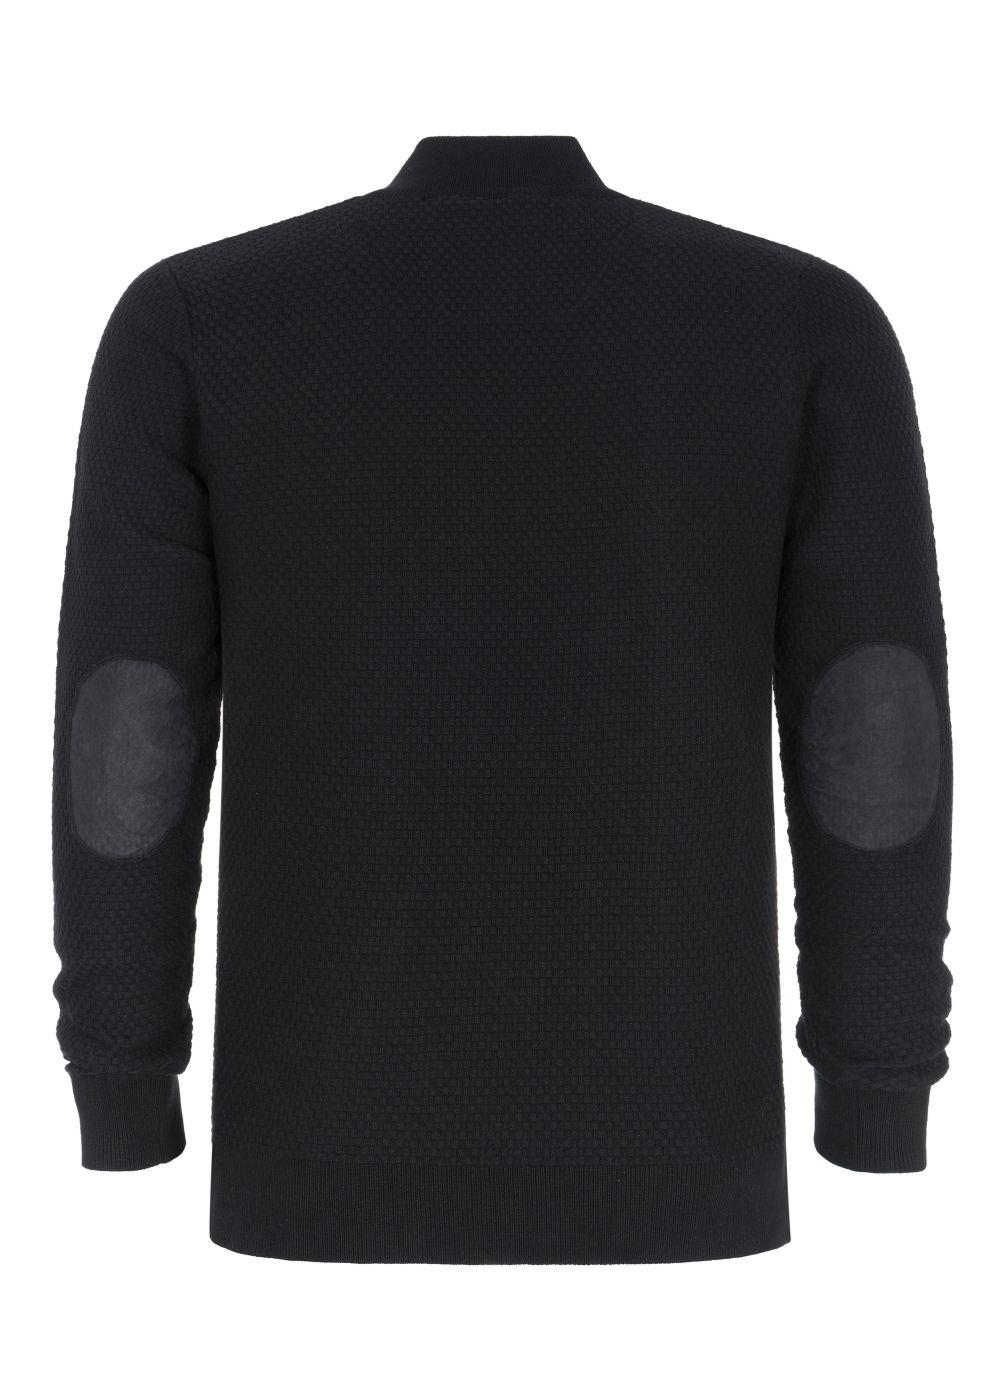 Sweter męski SWEMT-0092-99(Z20)